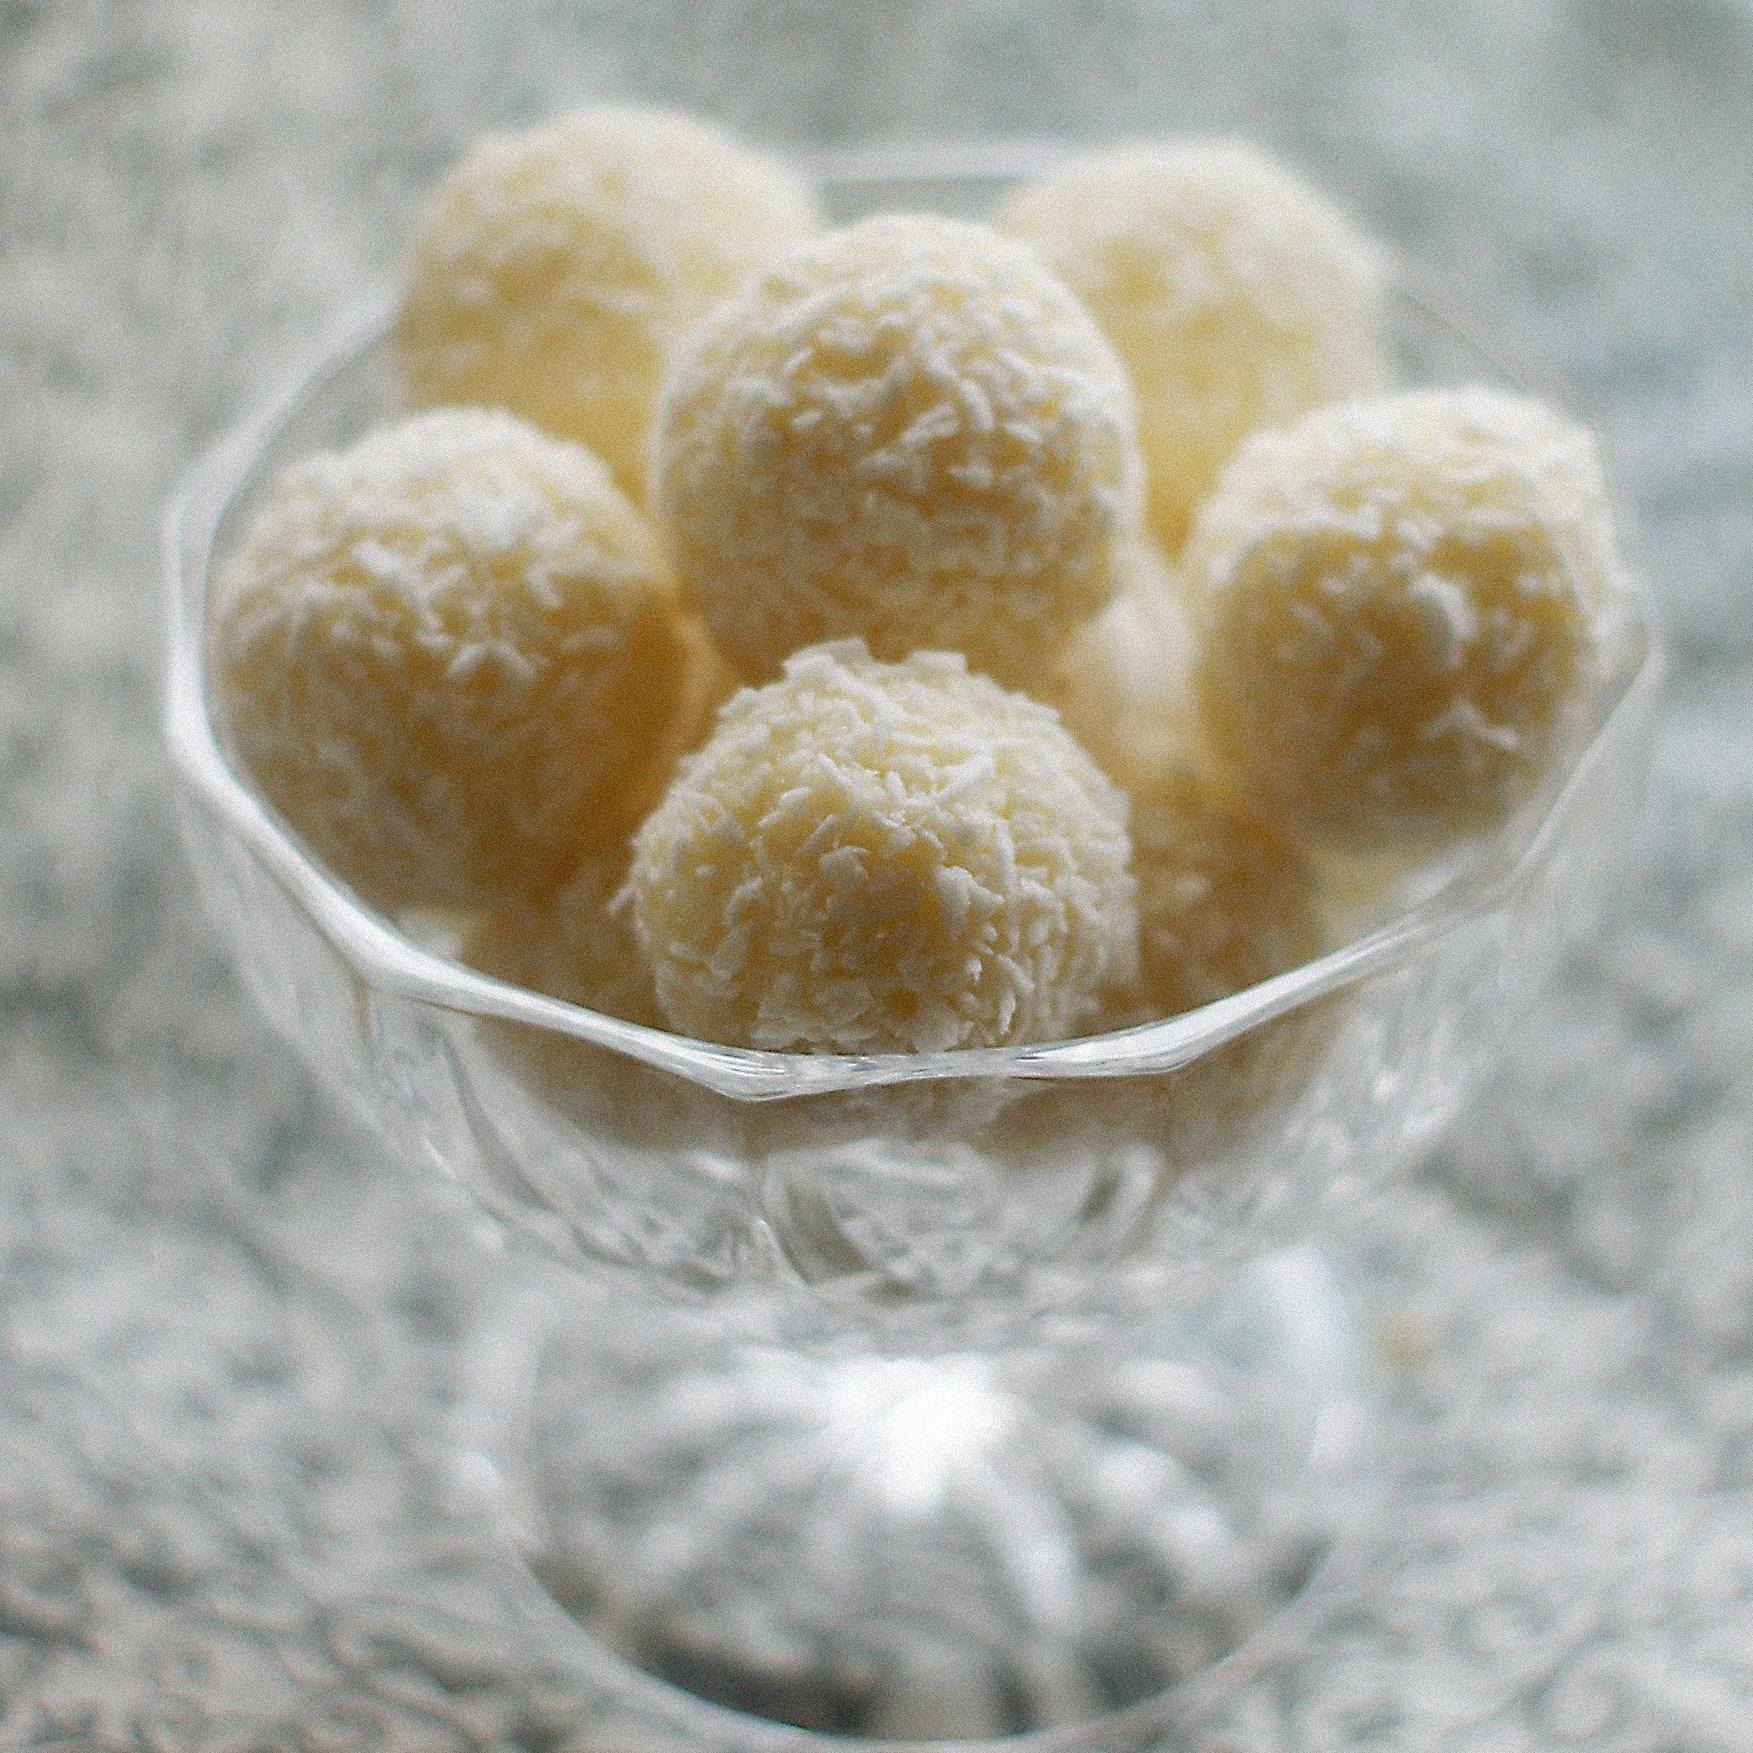 хотя рецепты конфет рафаэлло с фото для фильтрации воздуха